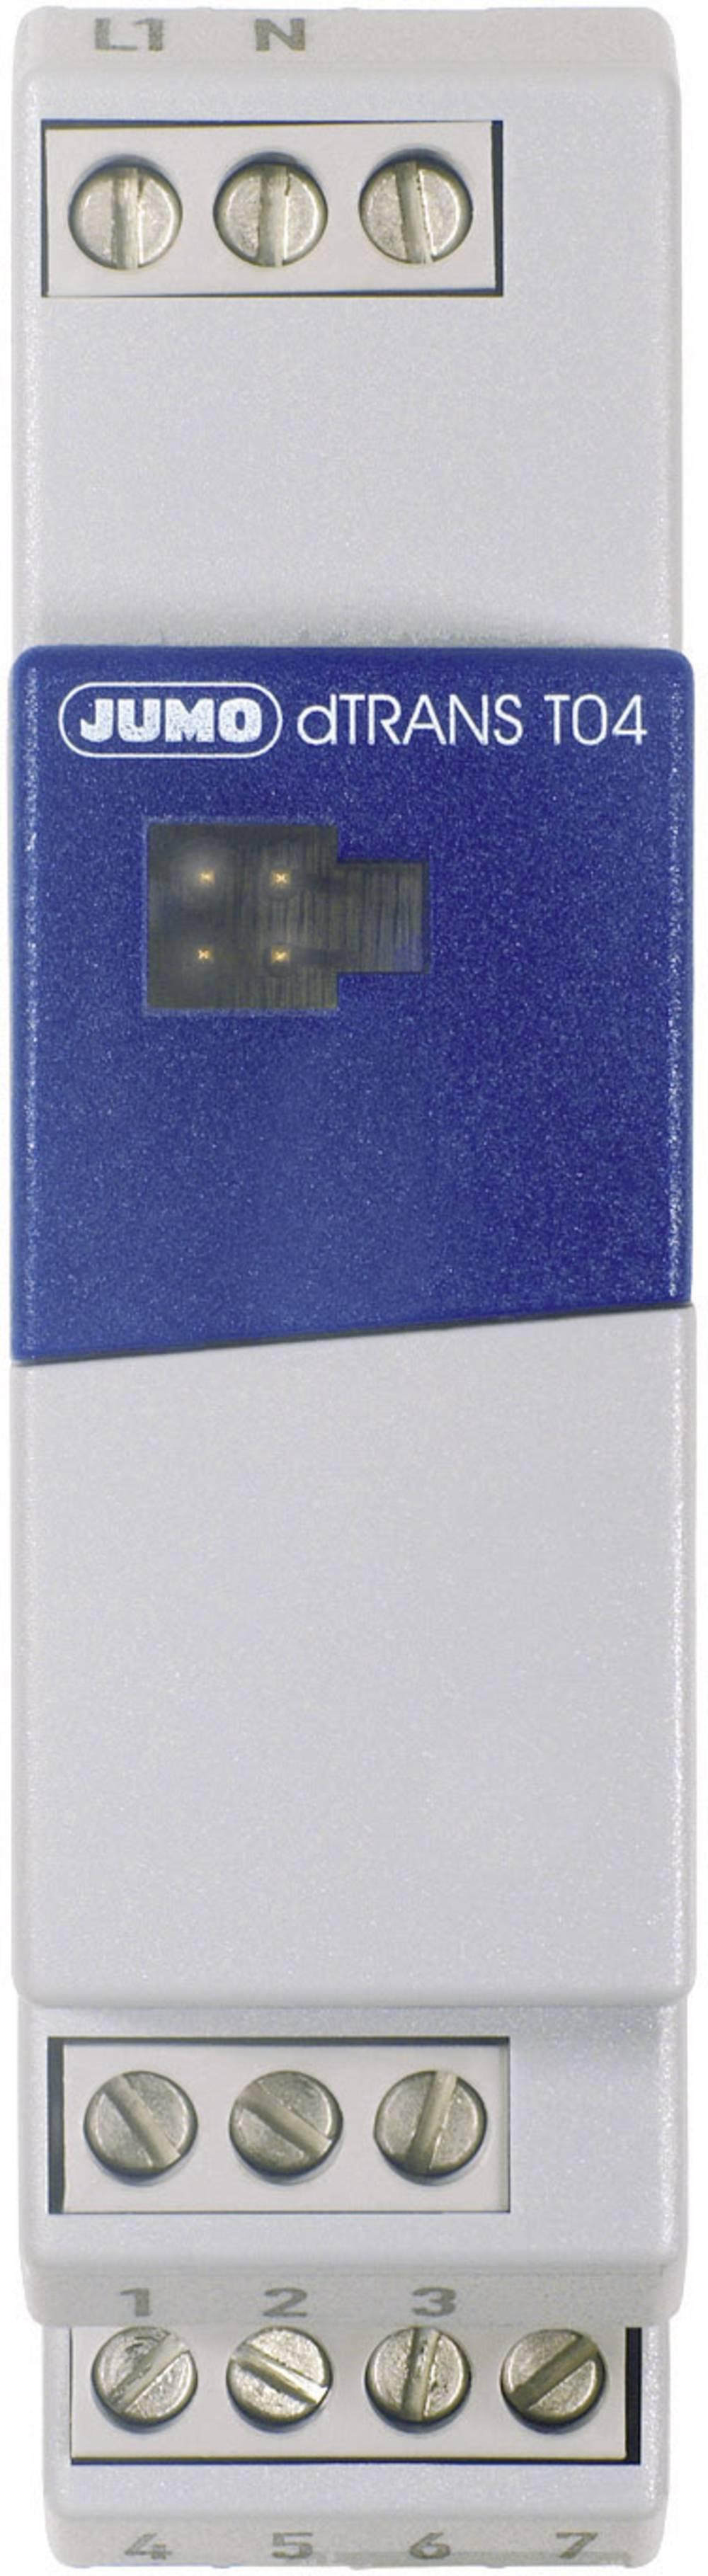 4-žični merilni pretvornik Jumo dTRANS T04 00439267o dTRANST04 00439267